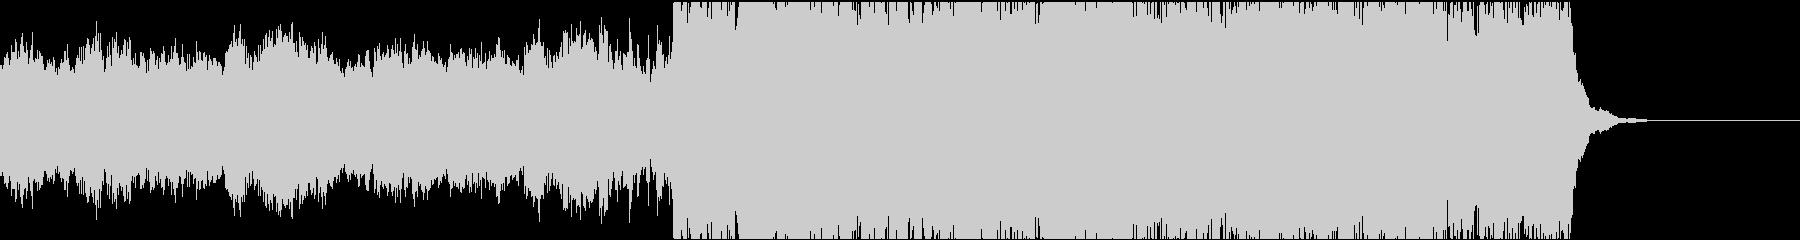 Rockテイストのあるepic曲の未再生の波形